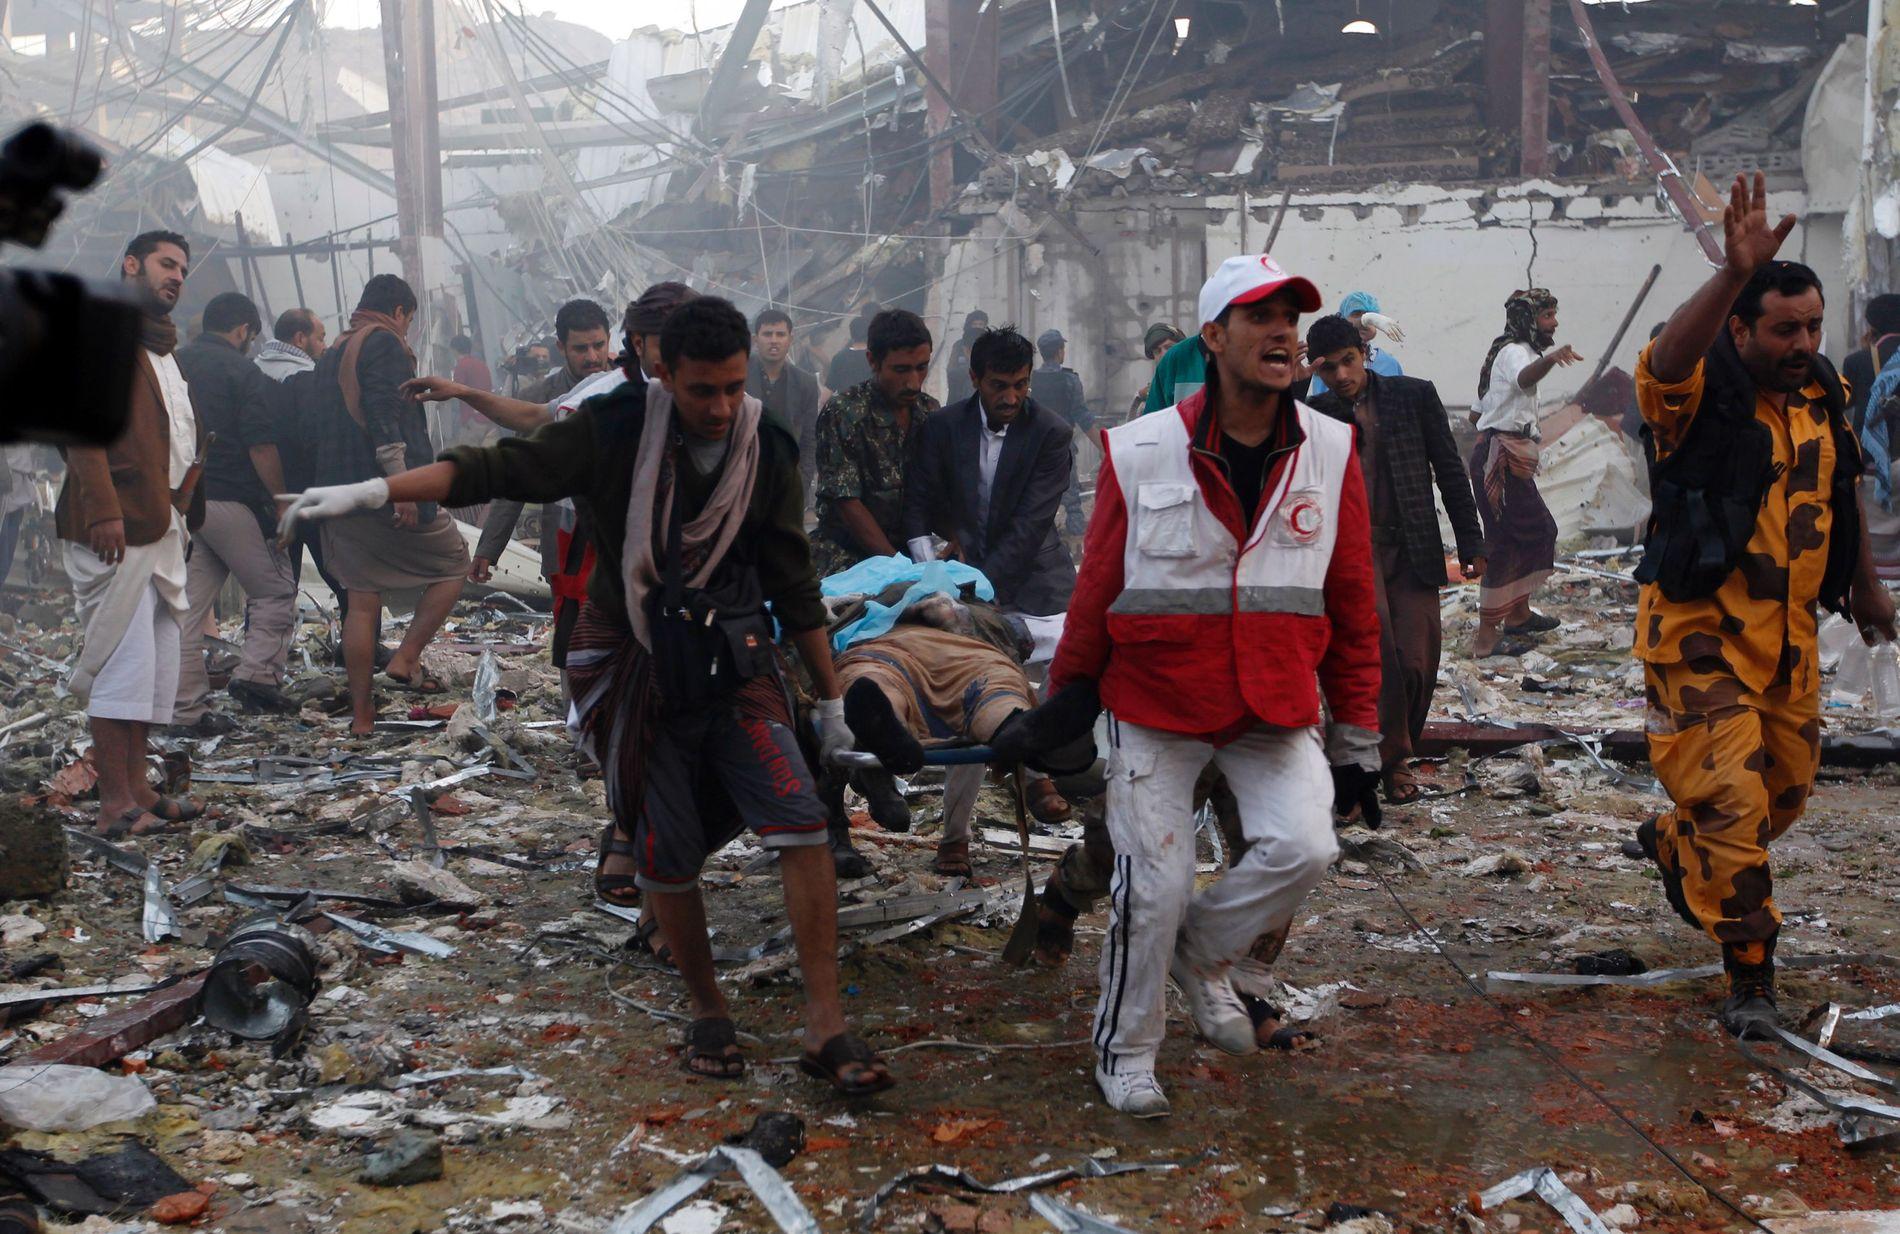 ANGREPET: Ambulansepersonell hjelper skadede etter et bombeangrep utført av den Saudi-ledede koalisjonen i Jemen i oktober 2016.